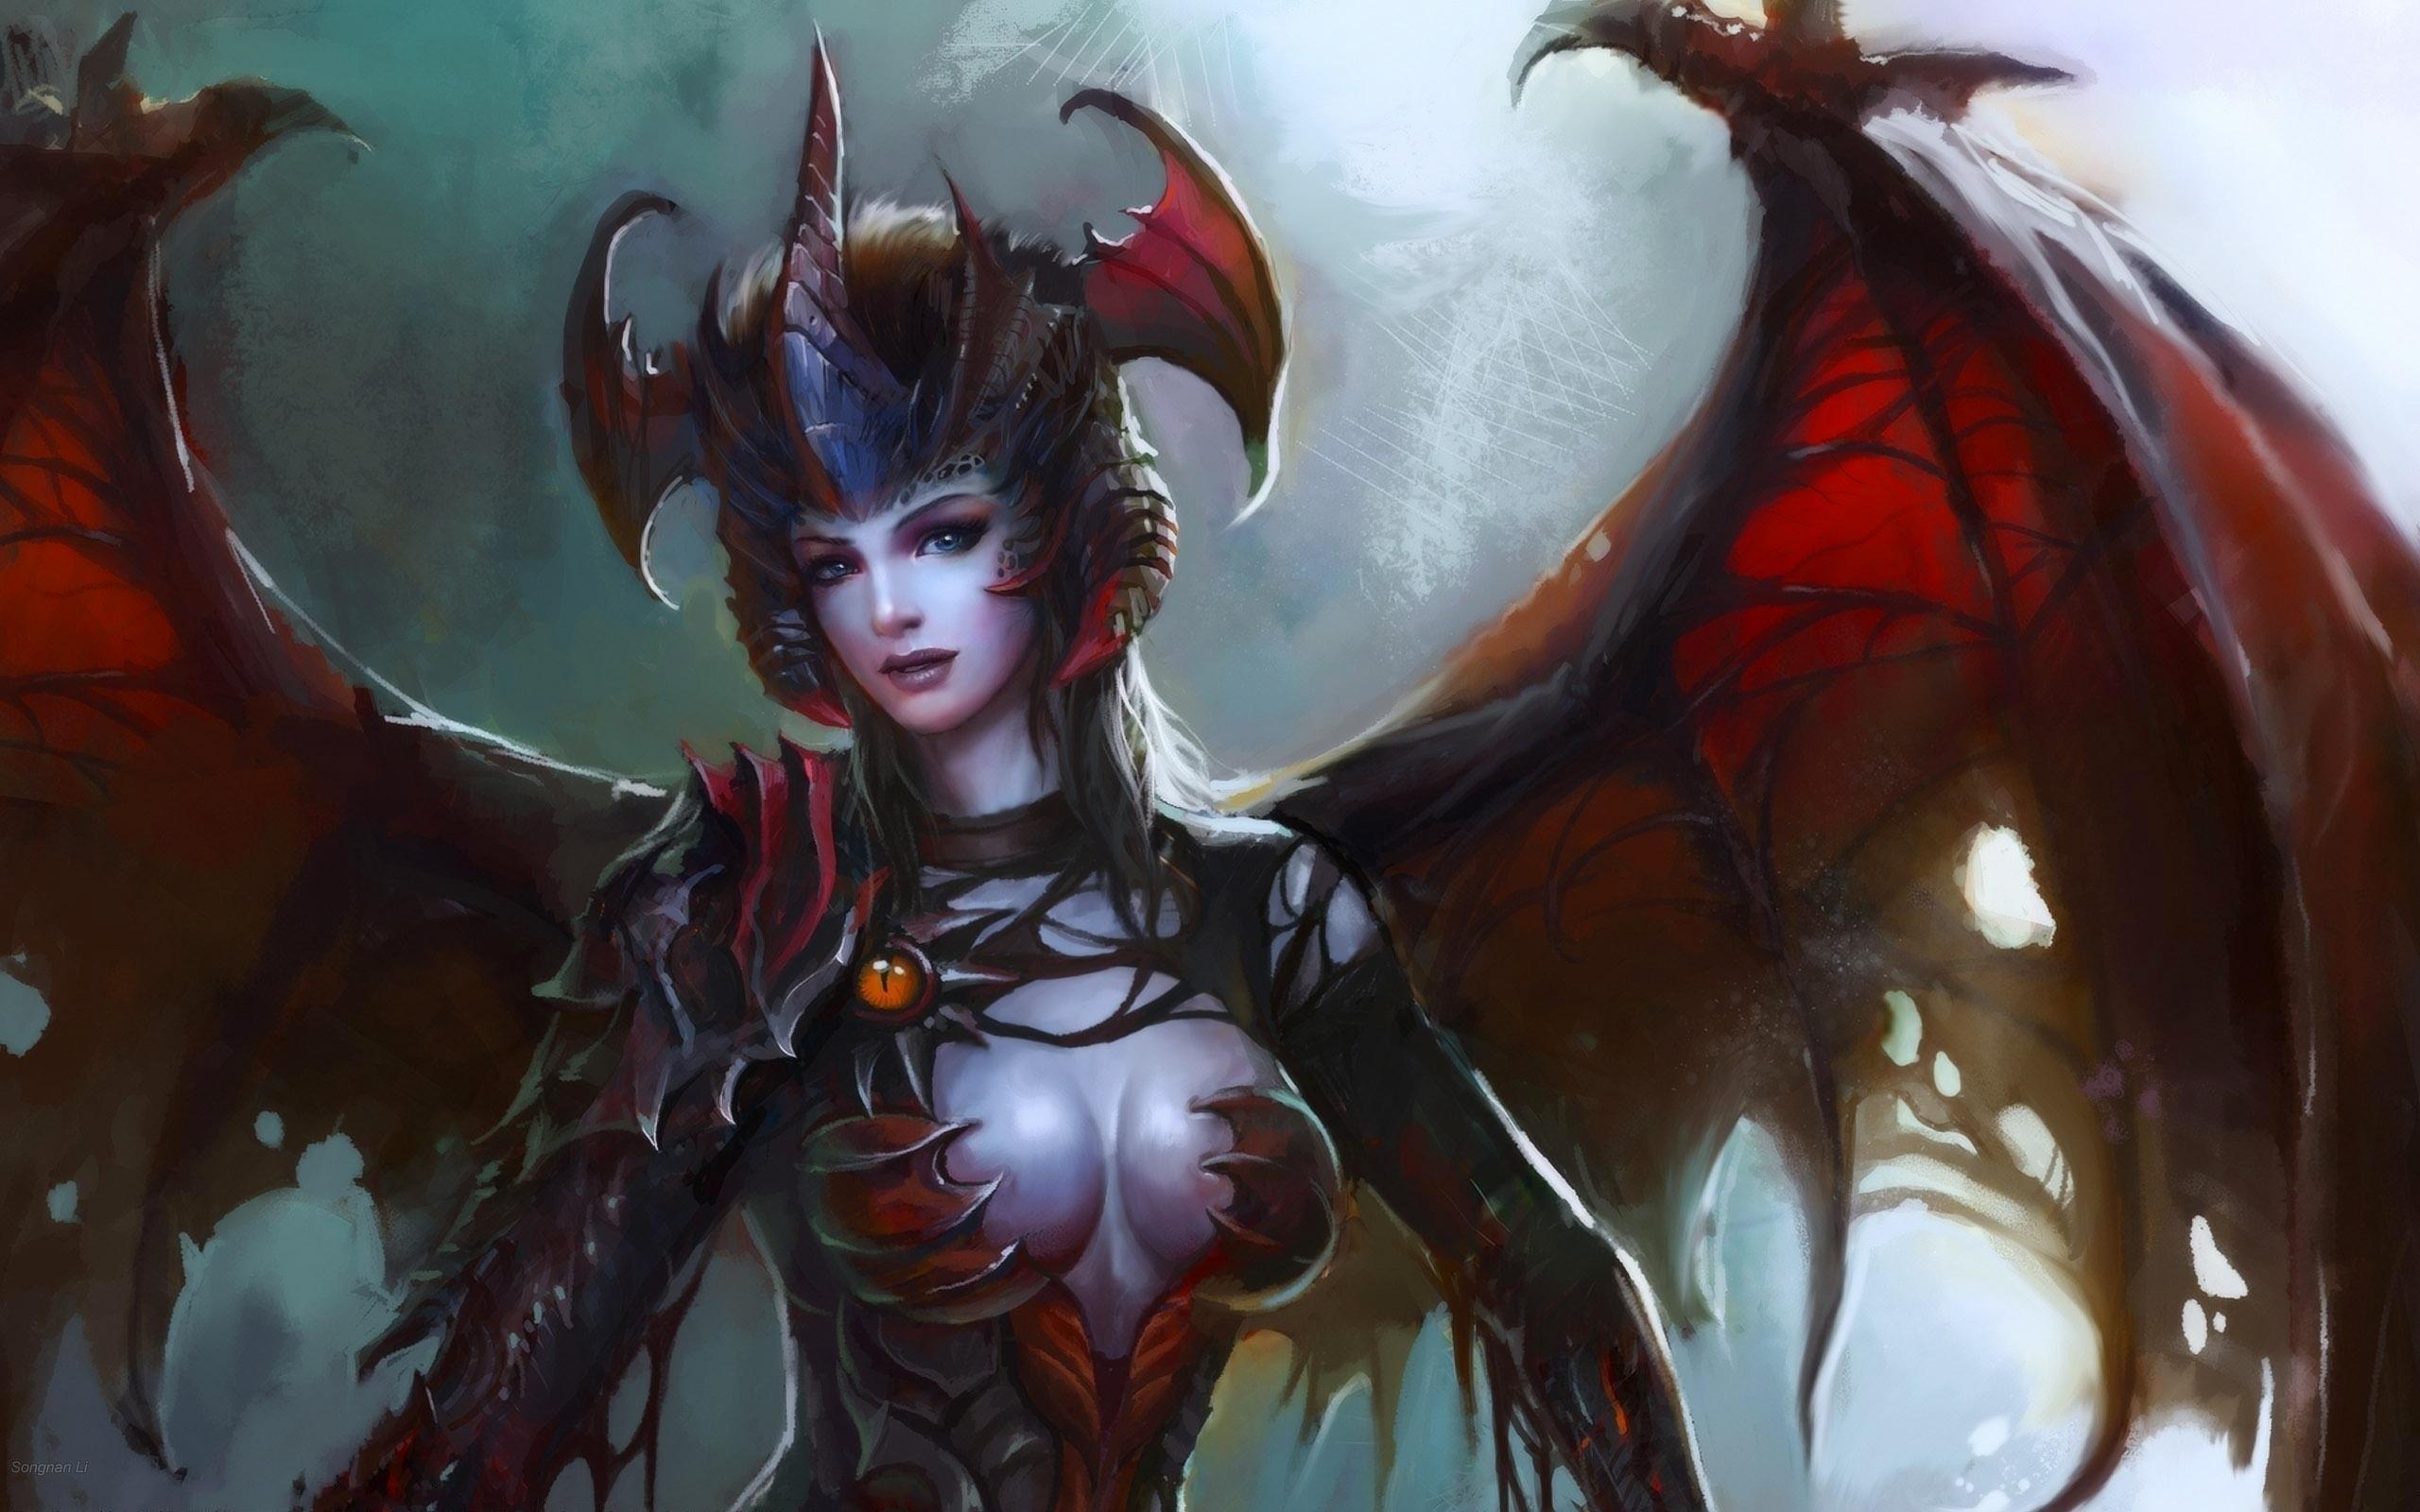 Wings succubus horns armor artwork demon girl wallpaper